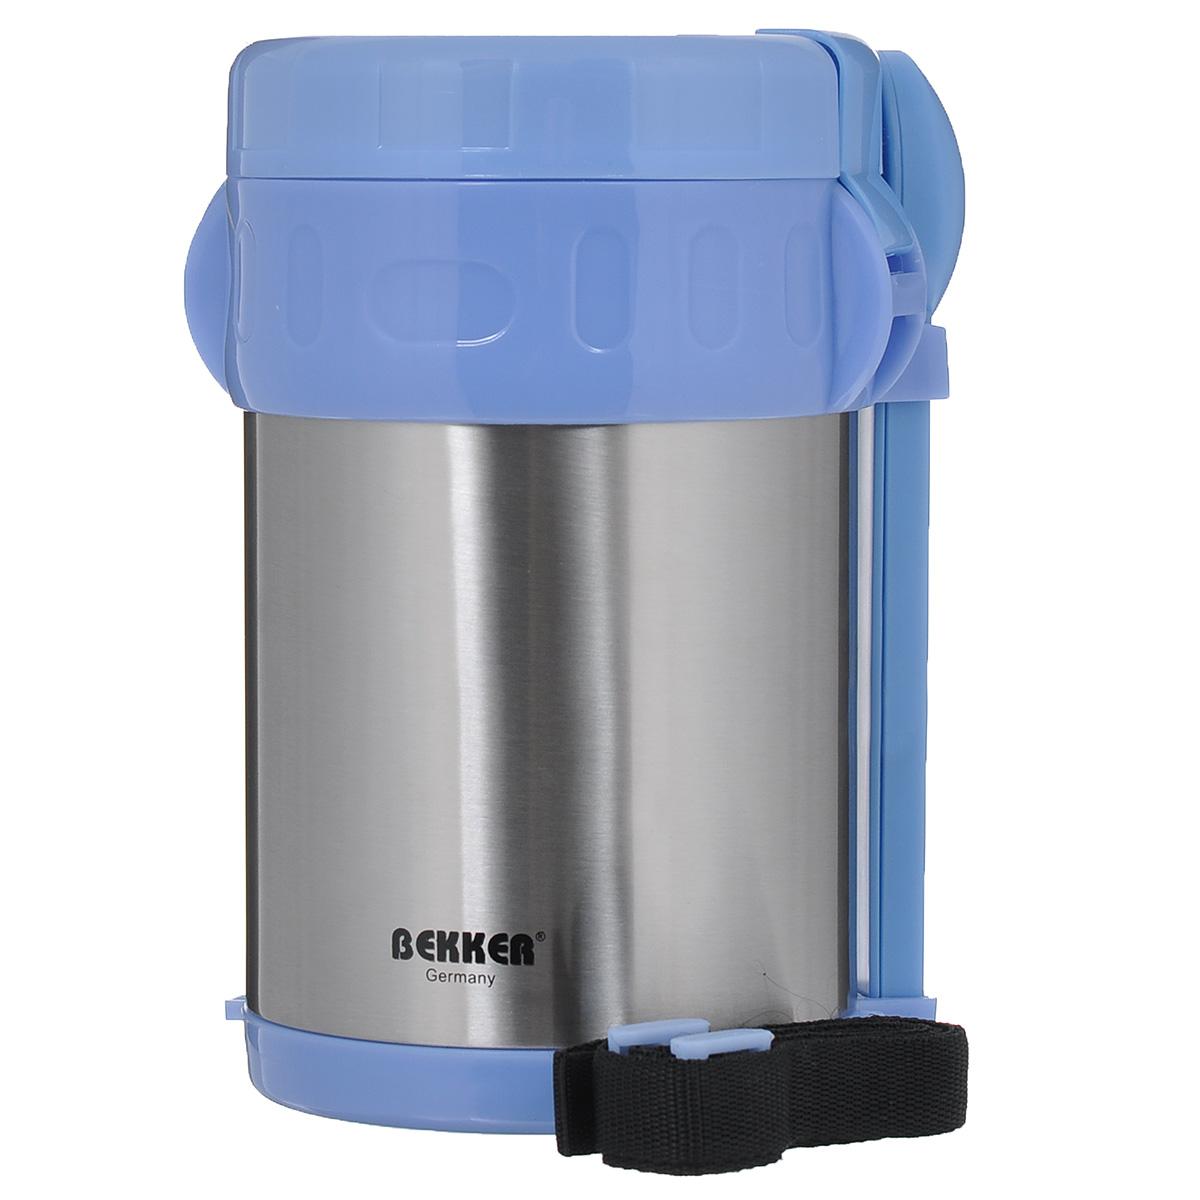 Термос Bekker Koch, с контейнерами, цвет: голубой, стальной, 2 л. BK-42BK-42Пищевой термос с широким горлом Bekker, изготовленный из высококачественной нержавеющей стали 18/8, прост в использовании и многофункционален. Изделие имеет двойные стенки, что позволяет пище долго оставаться горячей. Термос снабжен 3 пластиковыми контейнерами разного объема, а также металлической ложкой и вилкой в оригинальном чехле, который вставляется в специальную выемку сбоку термоса. Для удобной переноски предусмотрен специальный ремешок. Термос предназначен для хранения горячей и холодной пищи, замороженных продуктов, мороженного, фруктов и льда. Крышка плотно закрывается на две защелки. Высота (с учетом крышки): 22 см.Диаметр горлышка: 13 см.Диаметр контейнеров: 11,5 см.Высота контейнеров: 9 см; 5 см; 3,5 см. Объем контейнеров: 700 мл; 400 мл; 250 мл.Длина вилки/ложки: 15 см.